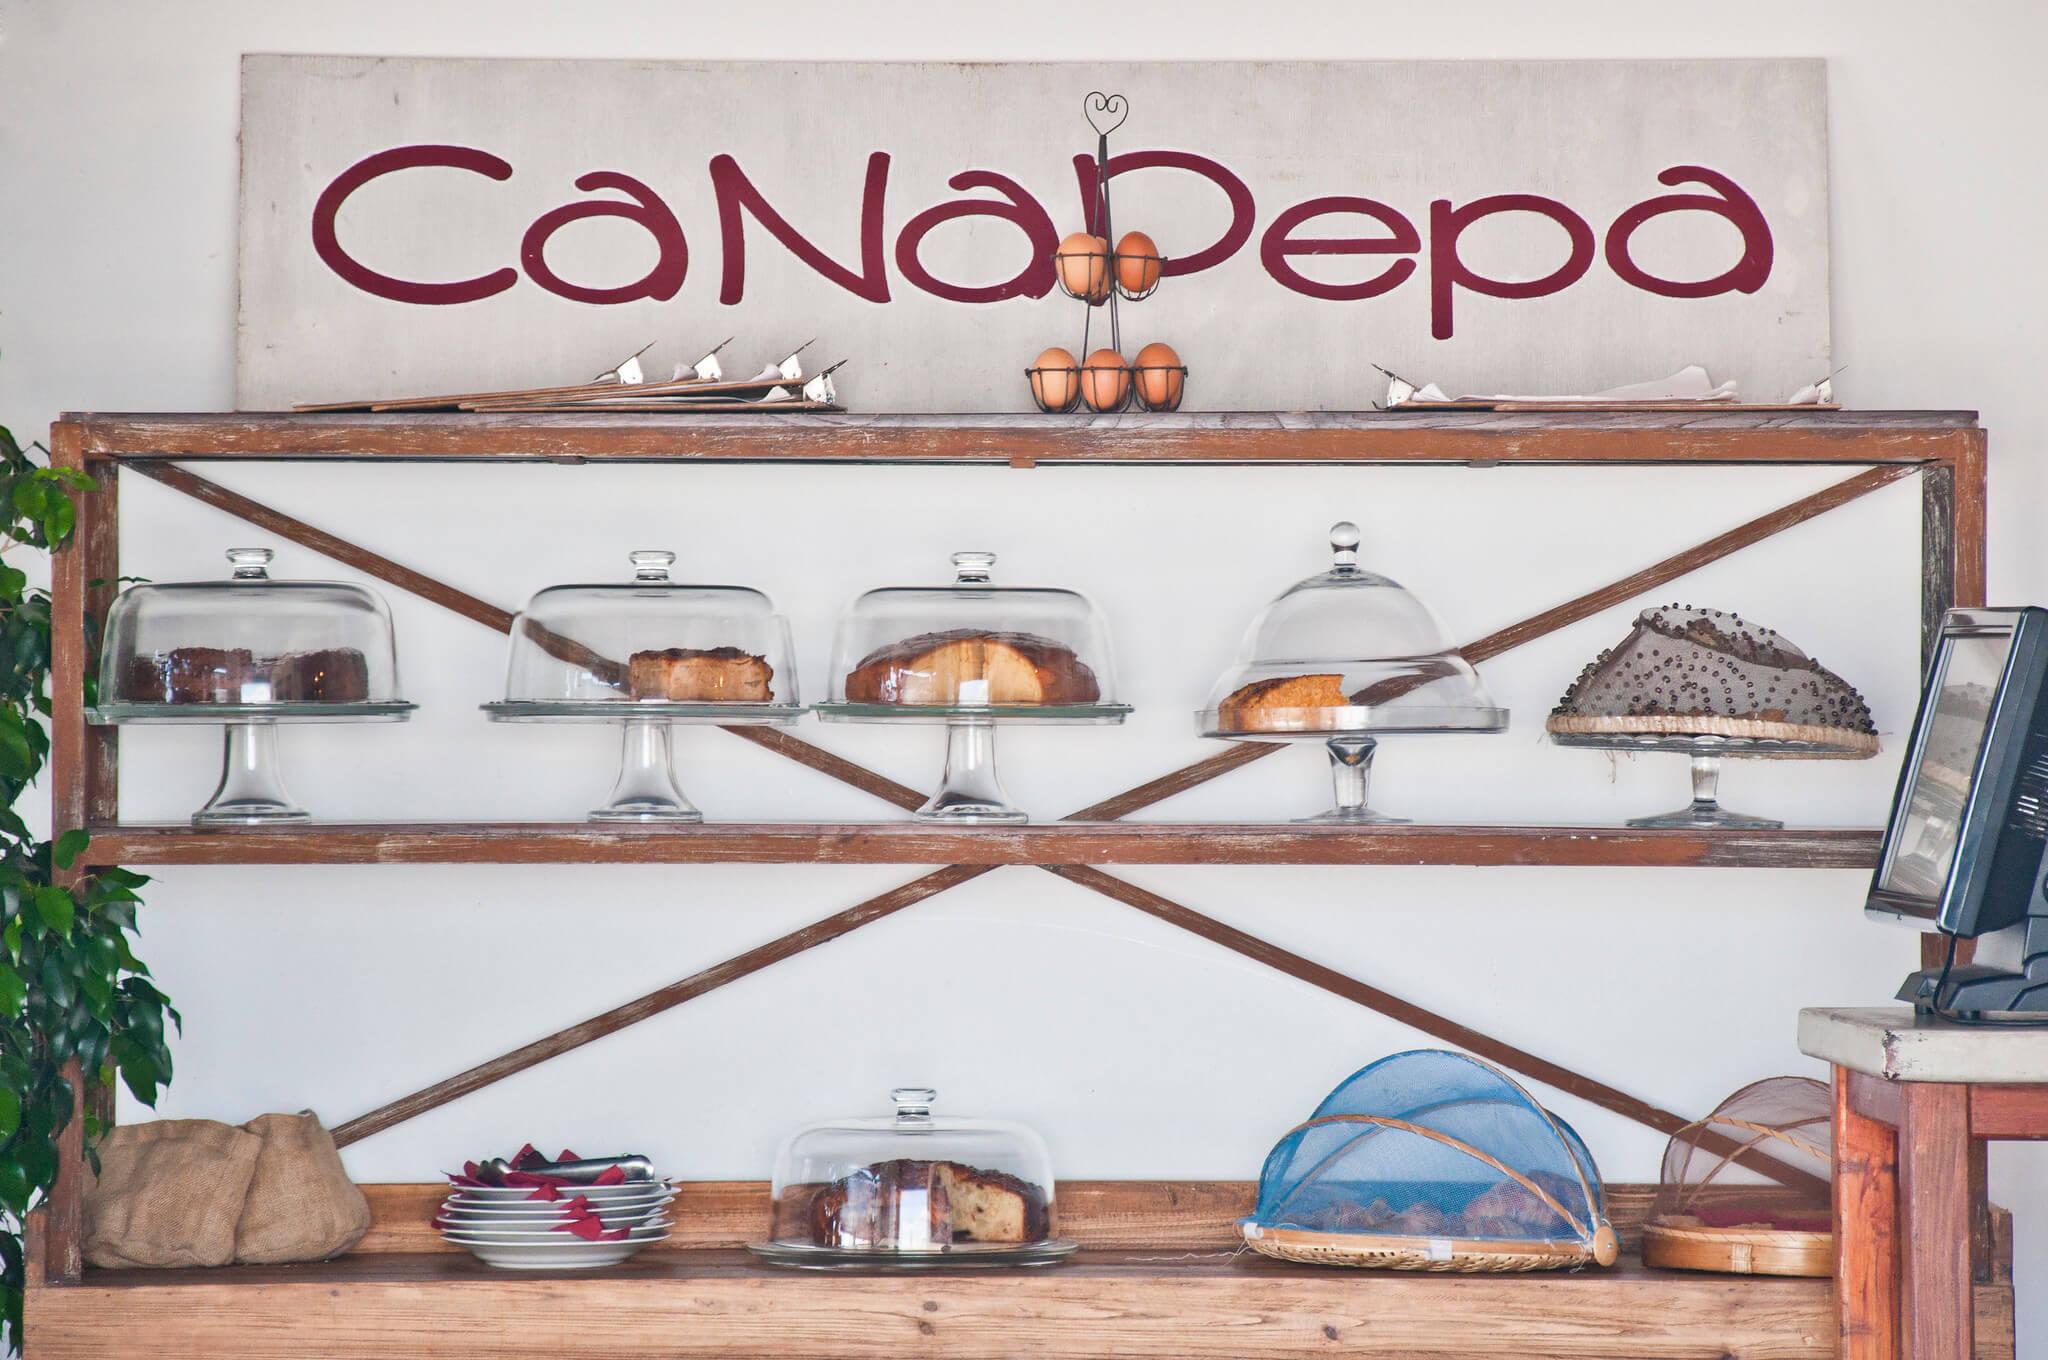 https://www.white-ibiza.com/wp-content/uploads/2020/03/formentera-restaurants-ca-na-pepa-2020-03.jpg